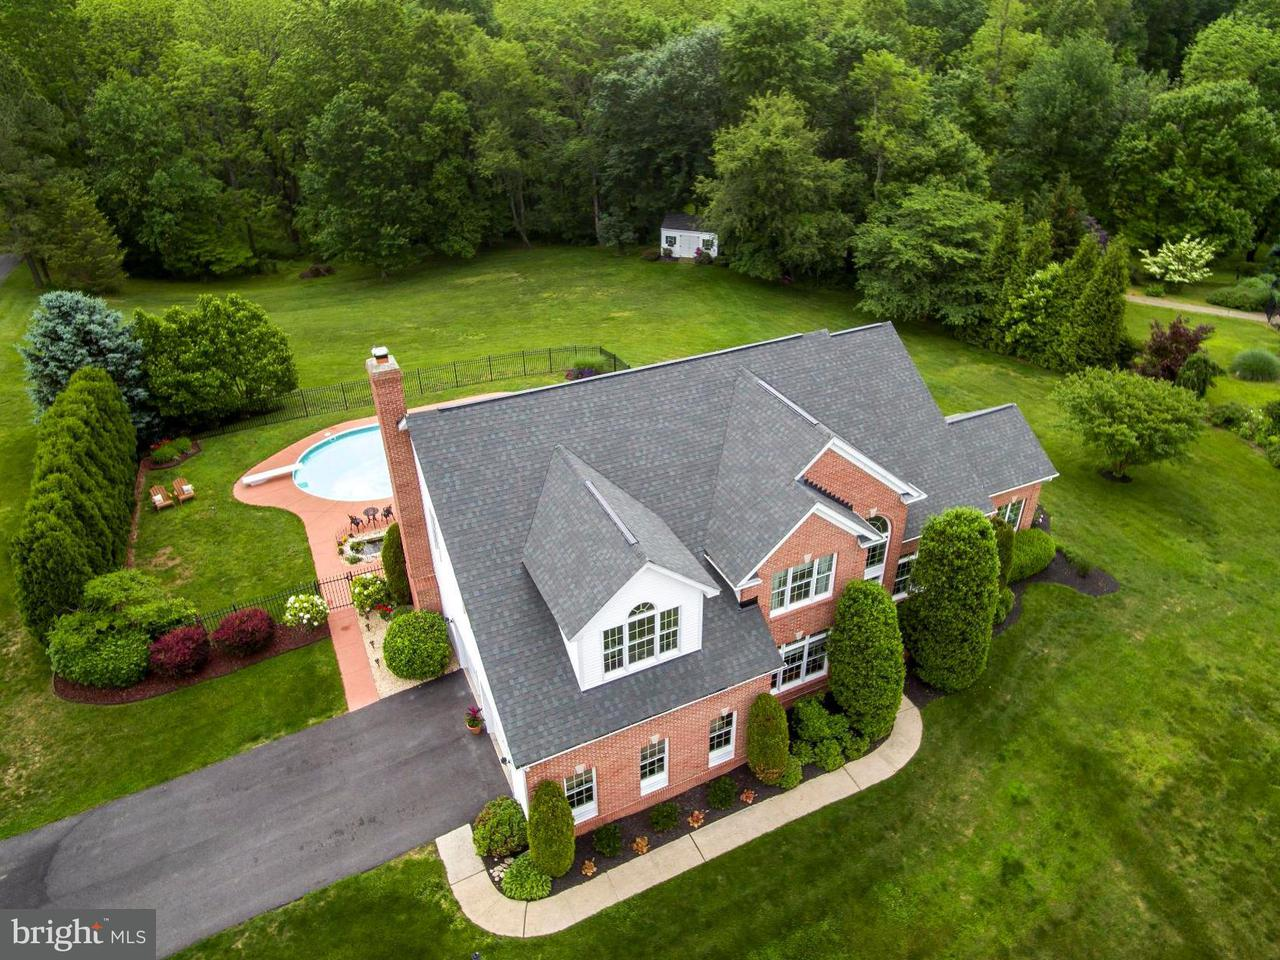 Частный односемейный дом для того Продажа на 1305 BROCKTON Drive 1305 BROCKTON Drive Eldersburg, Мэриленд 21784 Соединенные Штаты